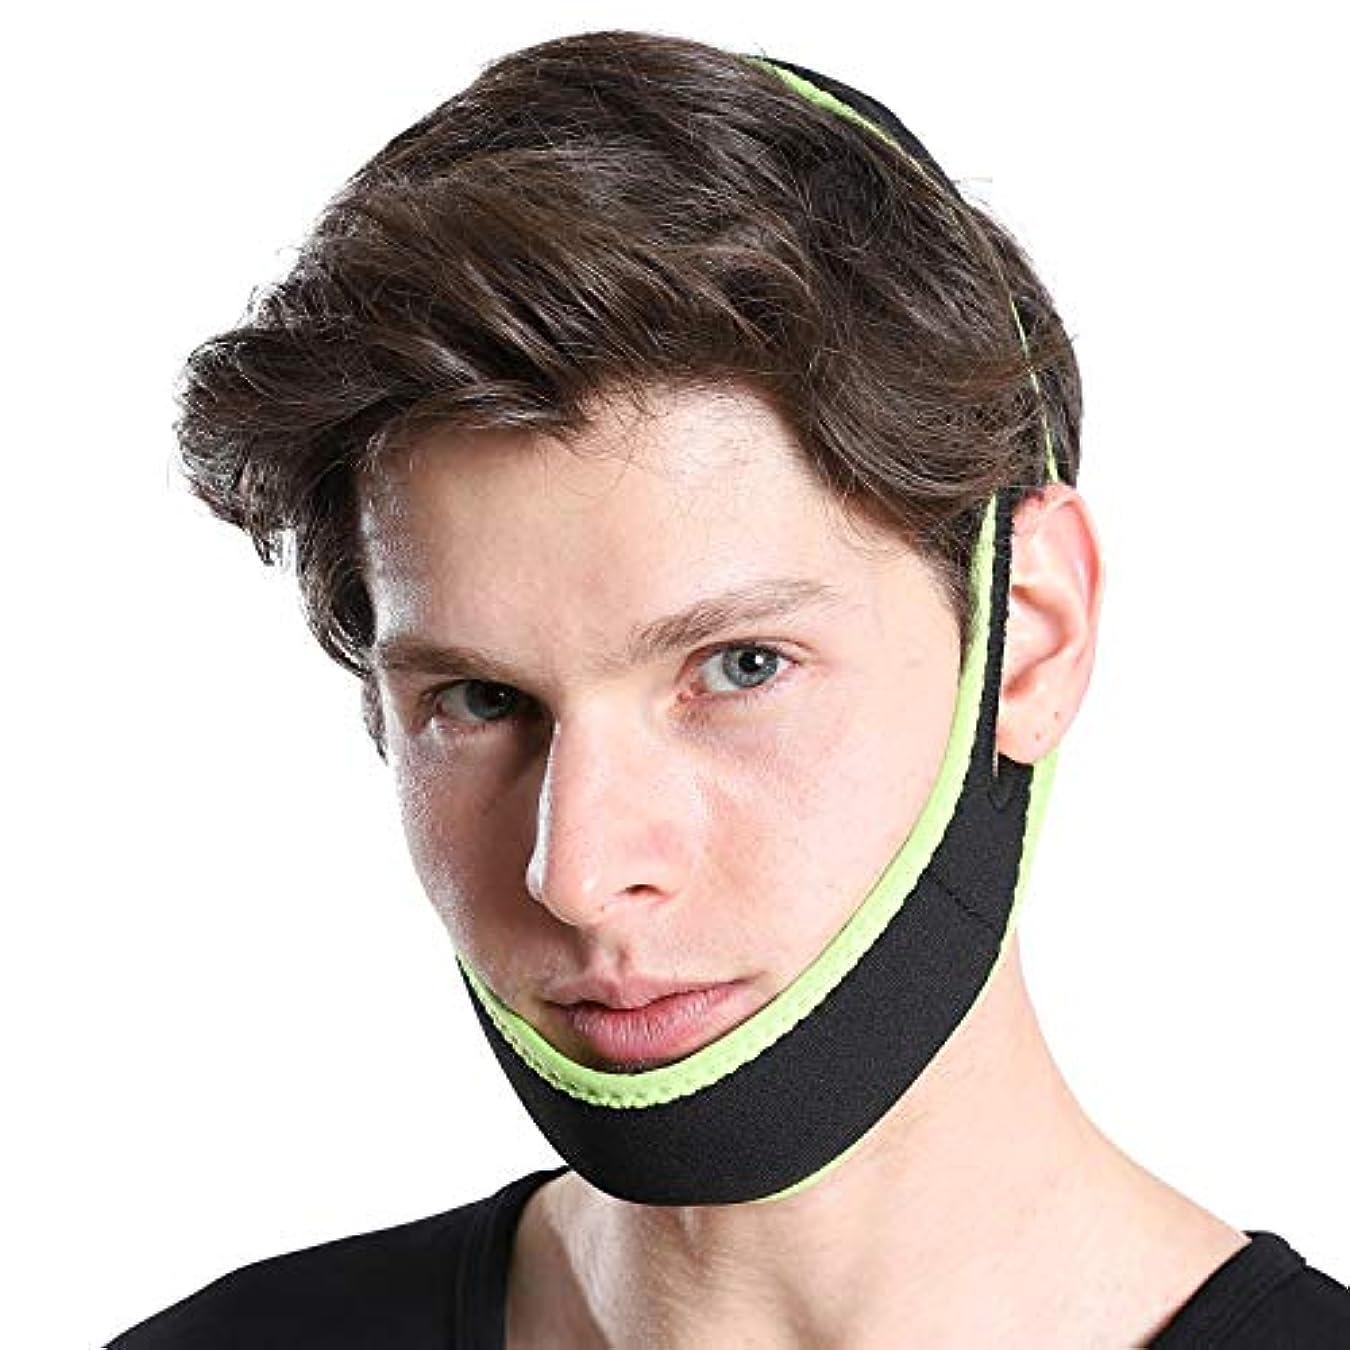 ポジション最小化する知るELPIRKA 小顔マスク メンズ ゲルマニウムチタン 配合で 顔痩せ 小顔 リフトアップ!